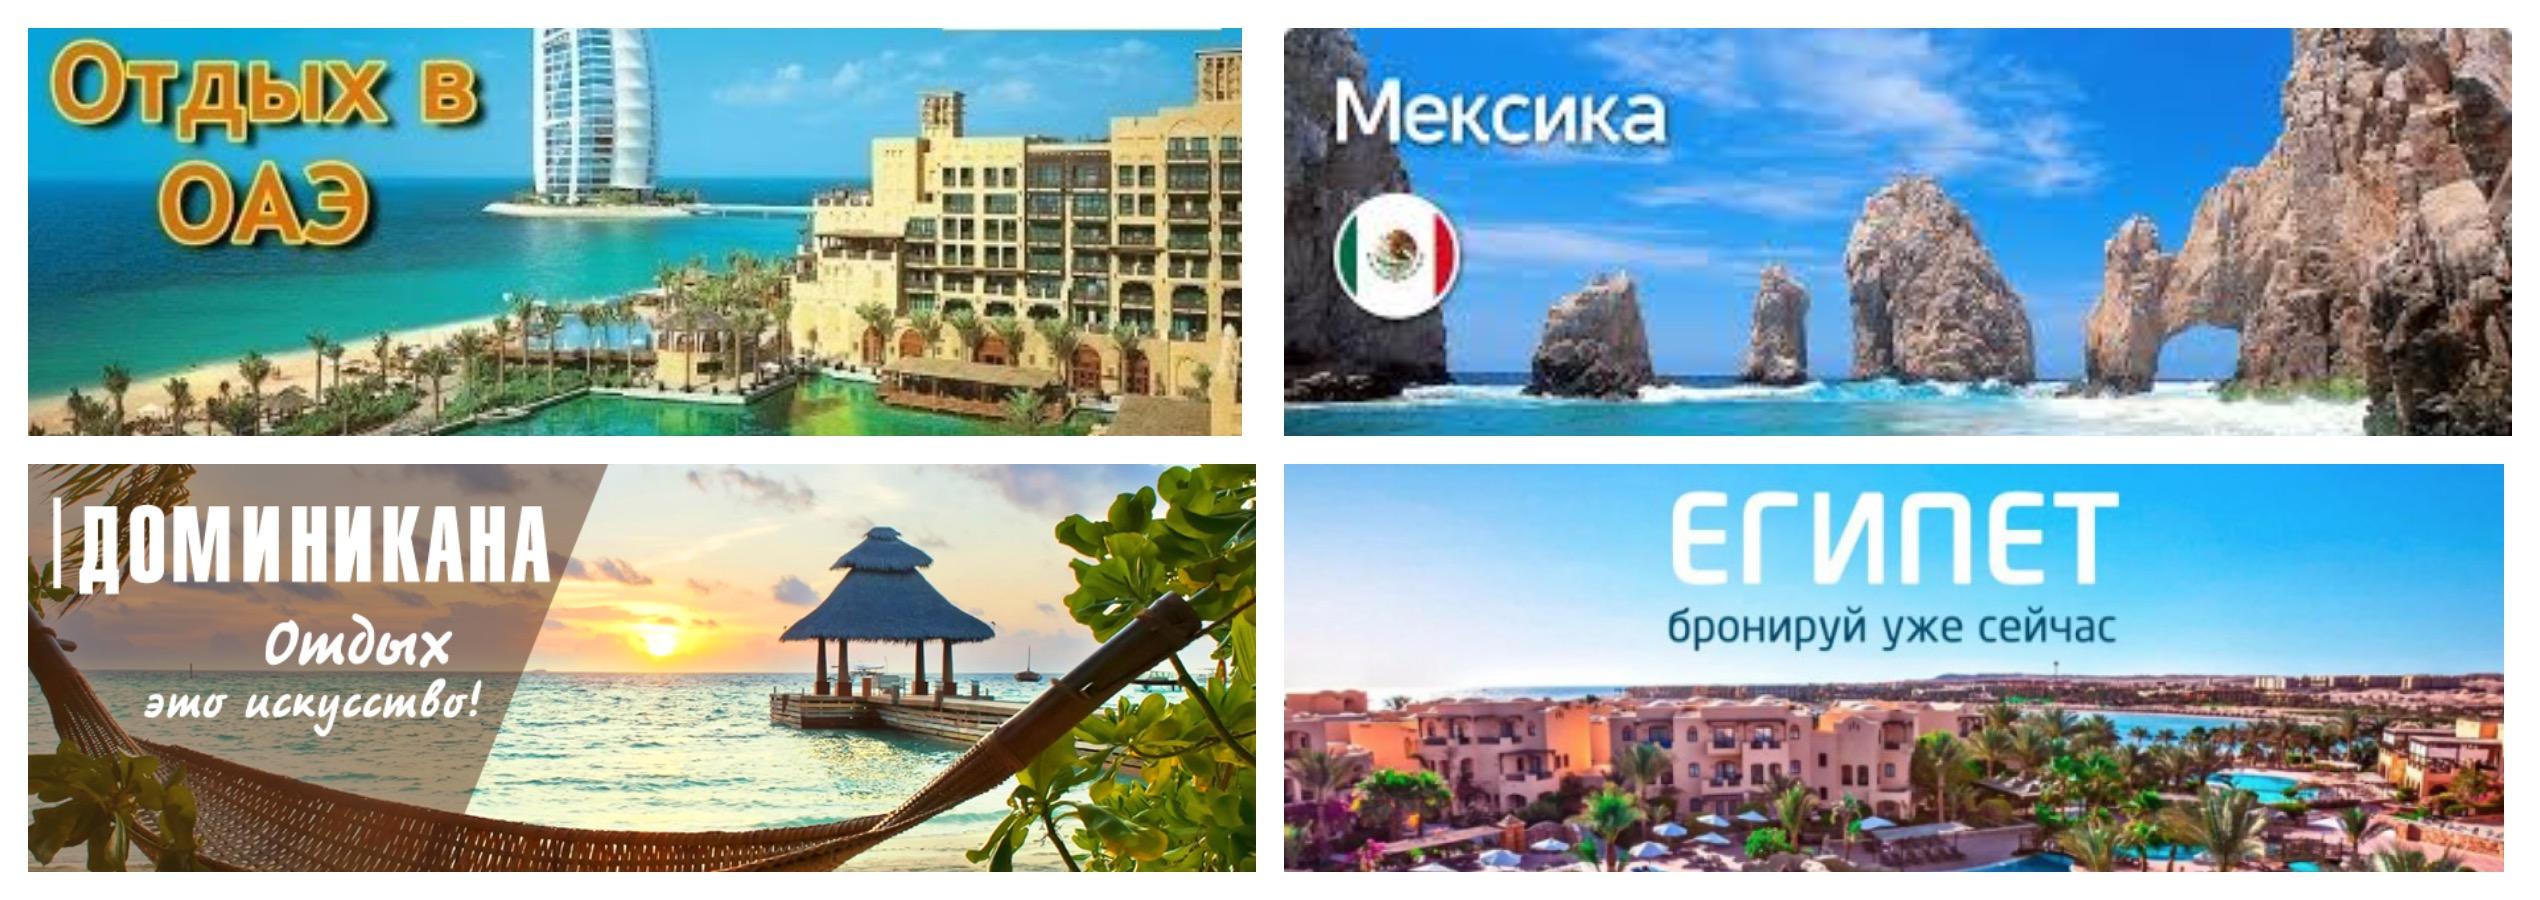 Туры в Египет, ОАЭ, Мексику, Доминикану, на Мальдивские острова